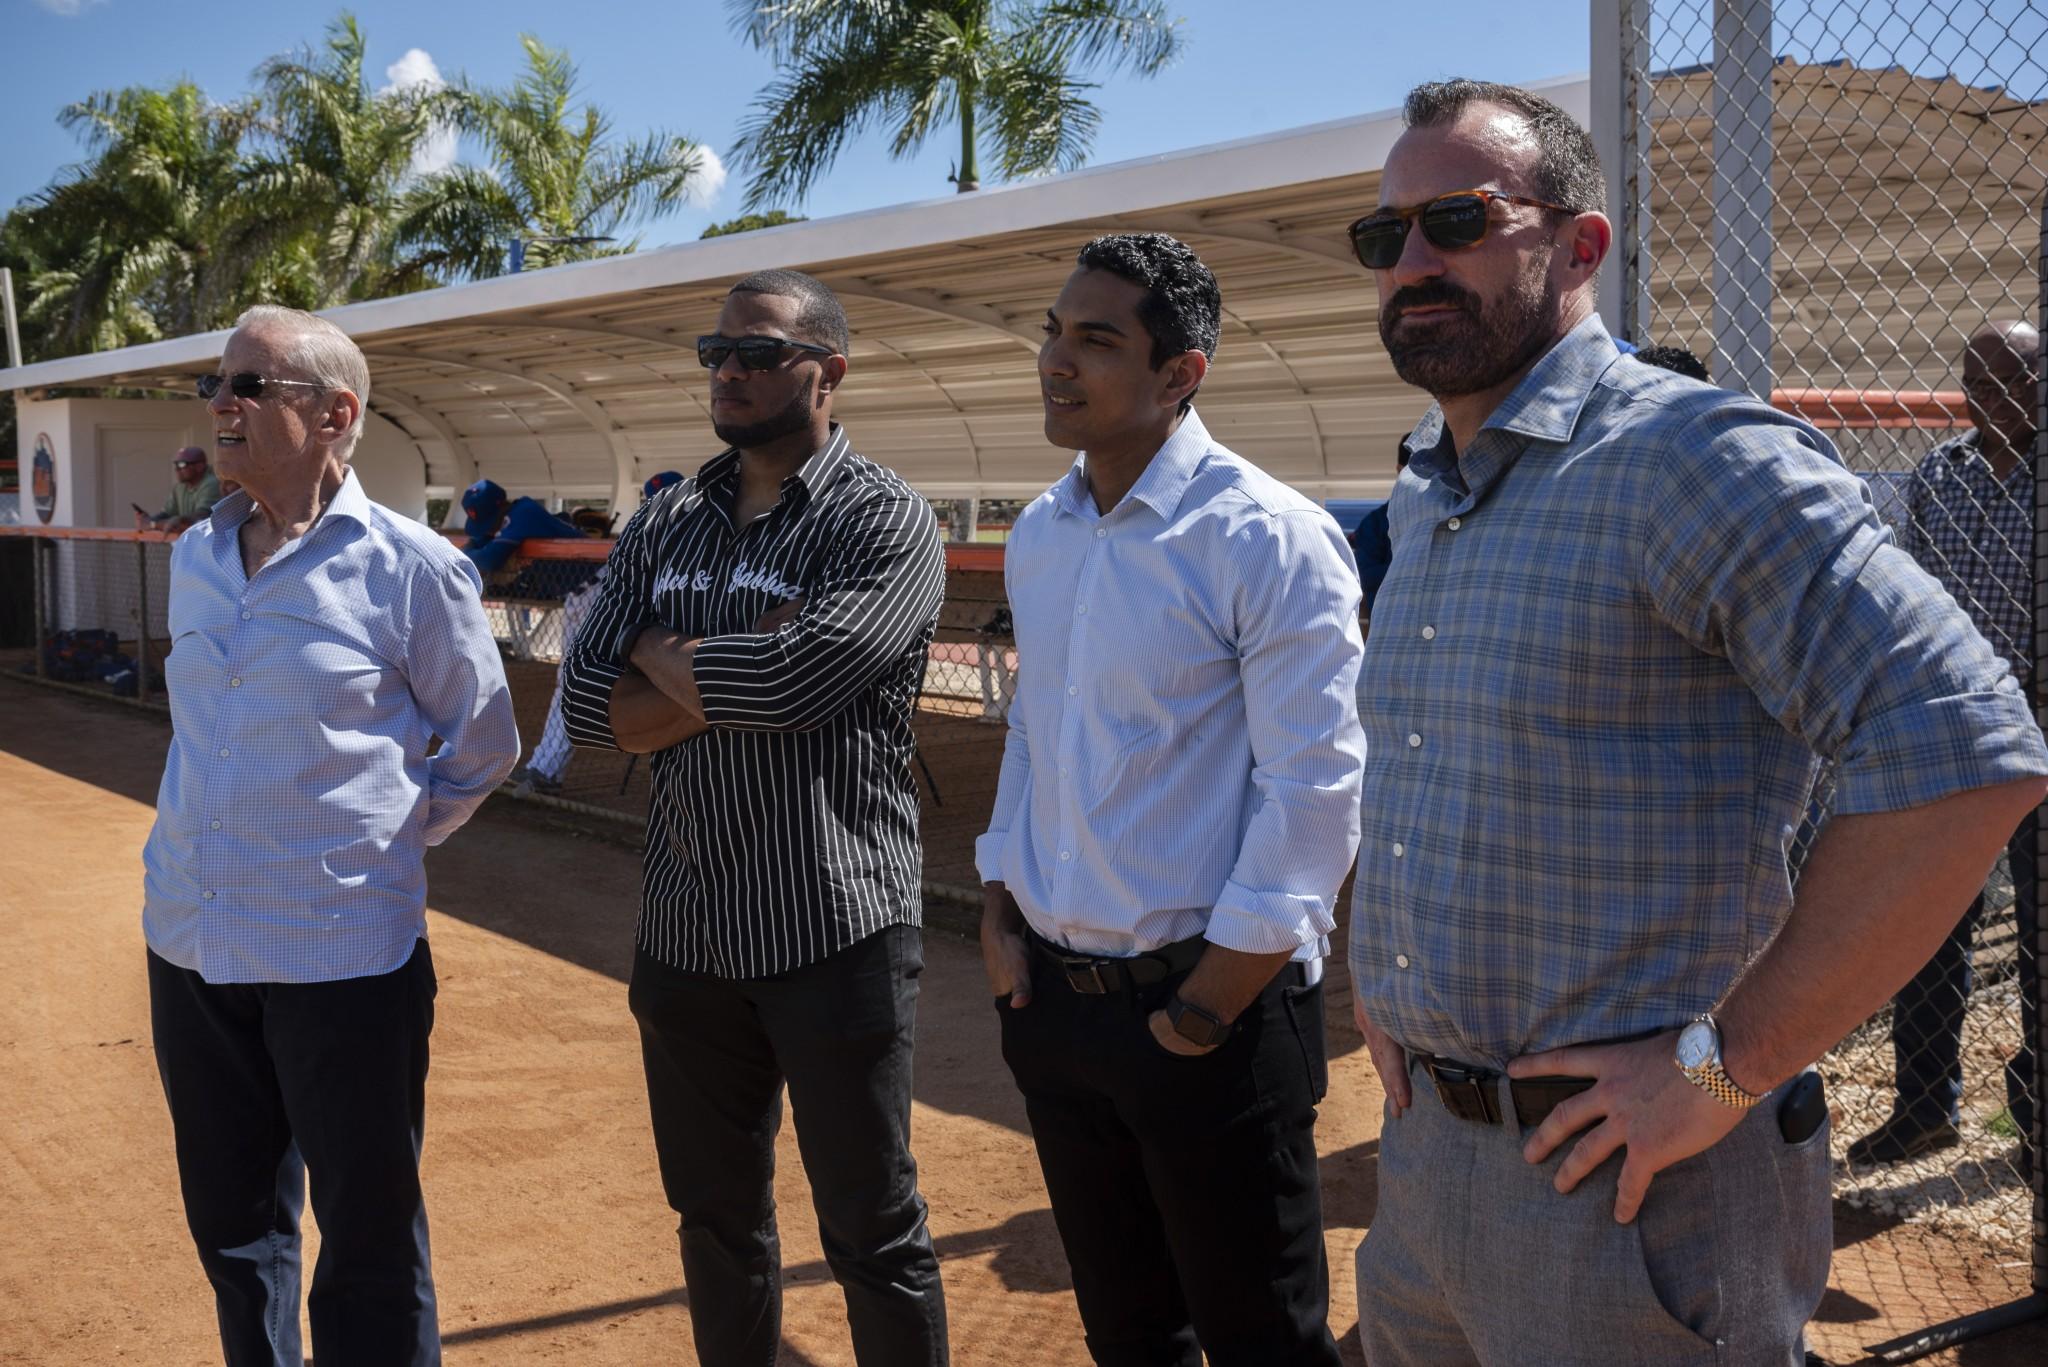 Visita de plana mayor de los Mets a las instalaciones. Fred Wilpon, Robinson Canó,  Luis Rojas y  Mickey Callaway